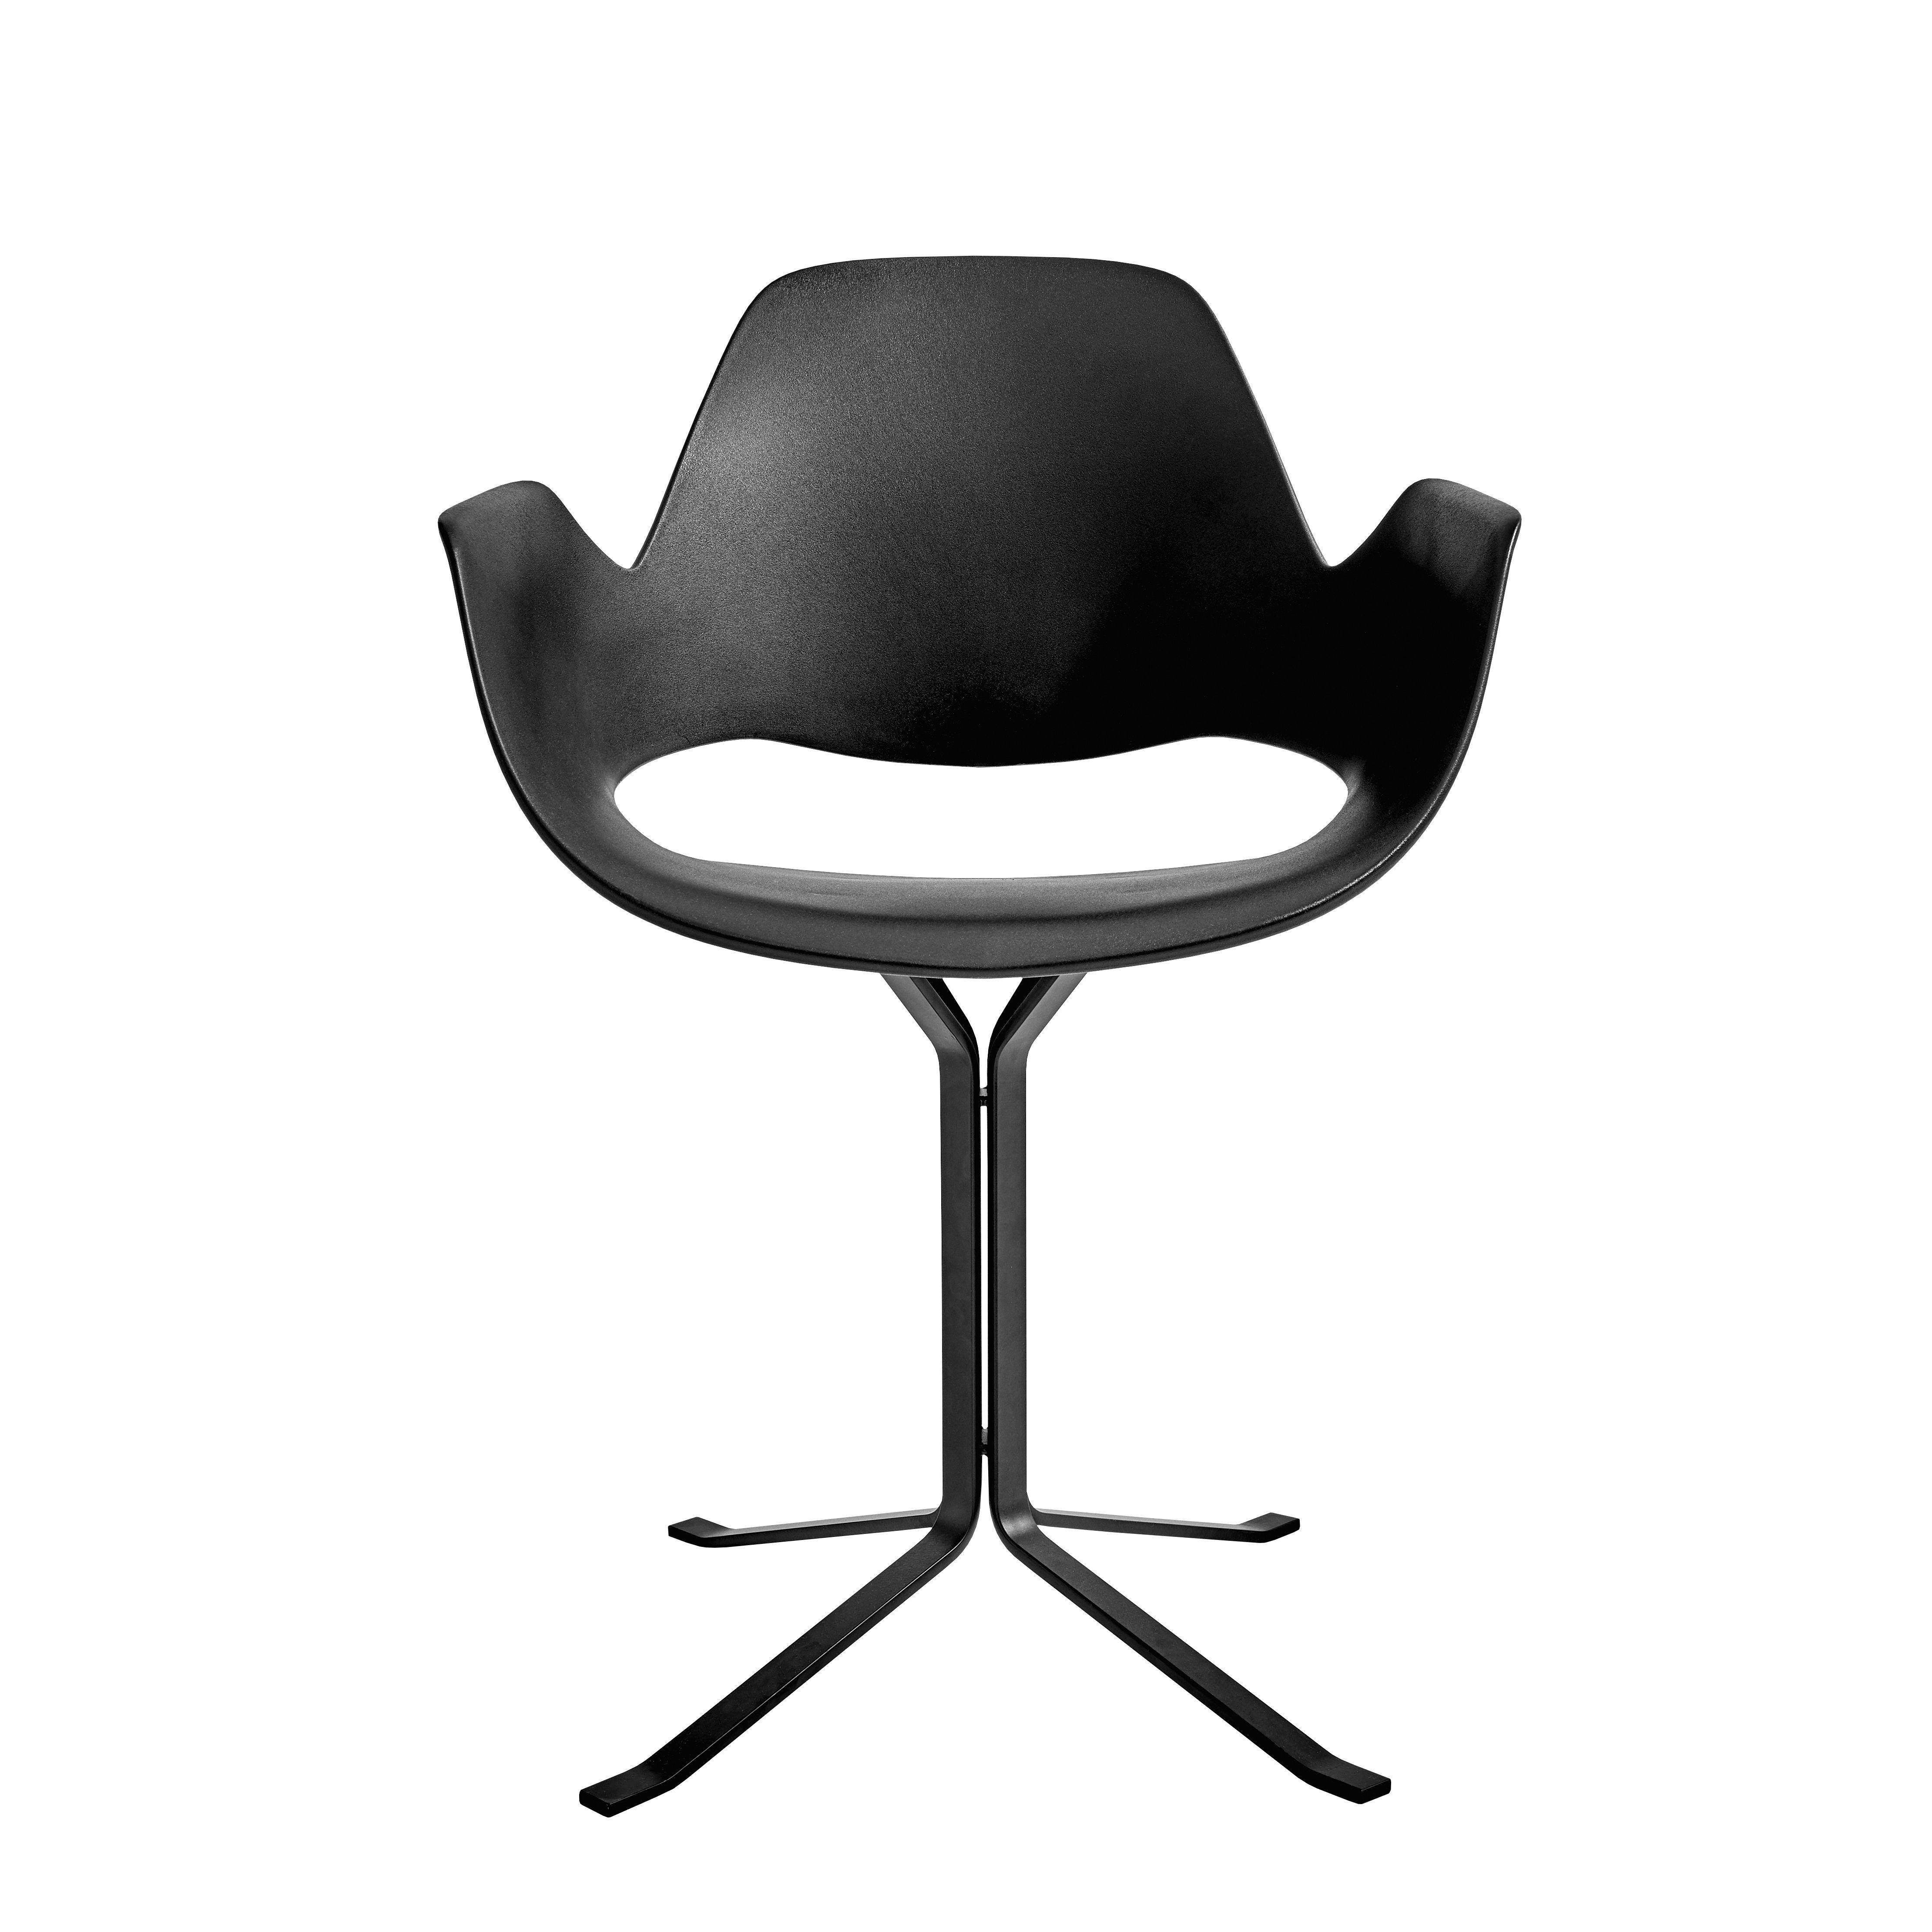 Mobilier - Chaises, fauteuils de salle à manger - Fauteuil Falk / Déchets ménagers recyclés - Pied colonne - Houe - Noir / Piètement noir - Métal laqué époxy, Plastique recyclé